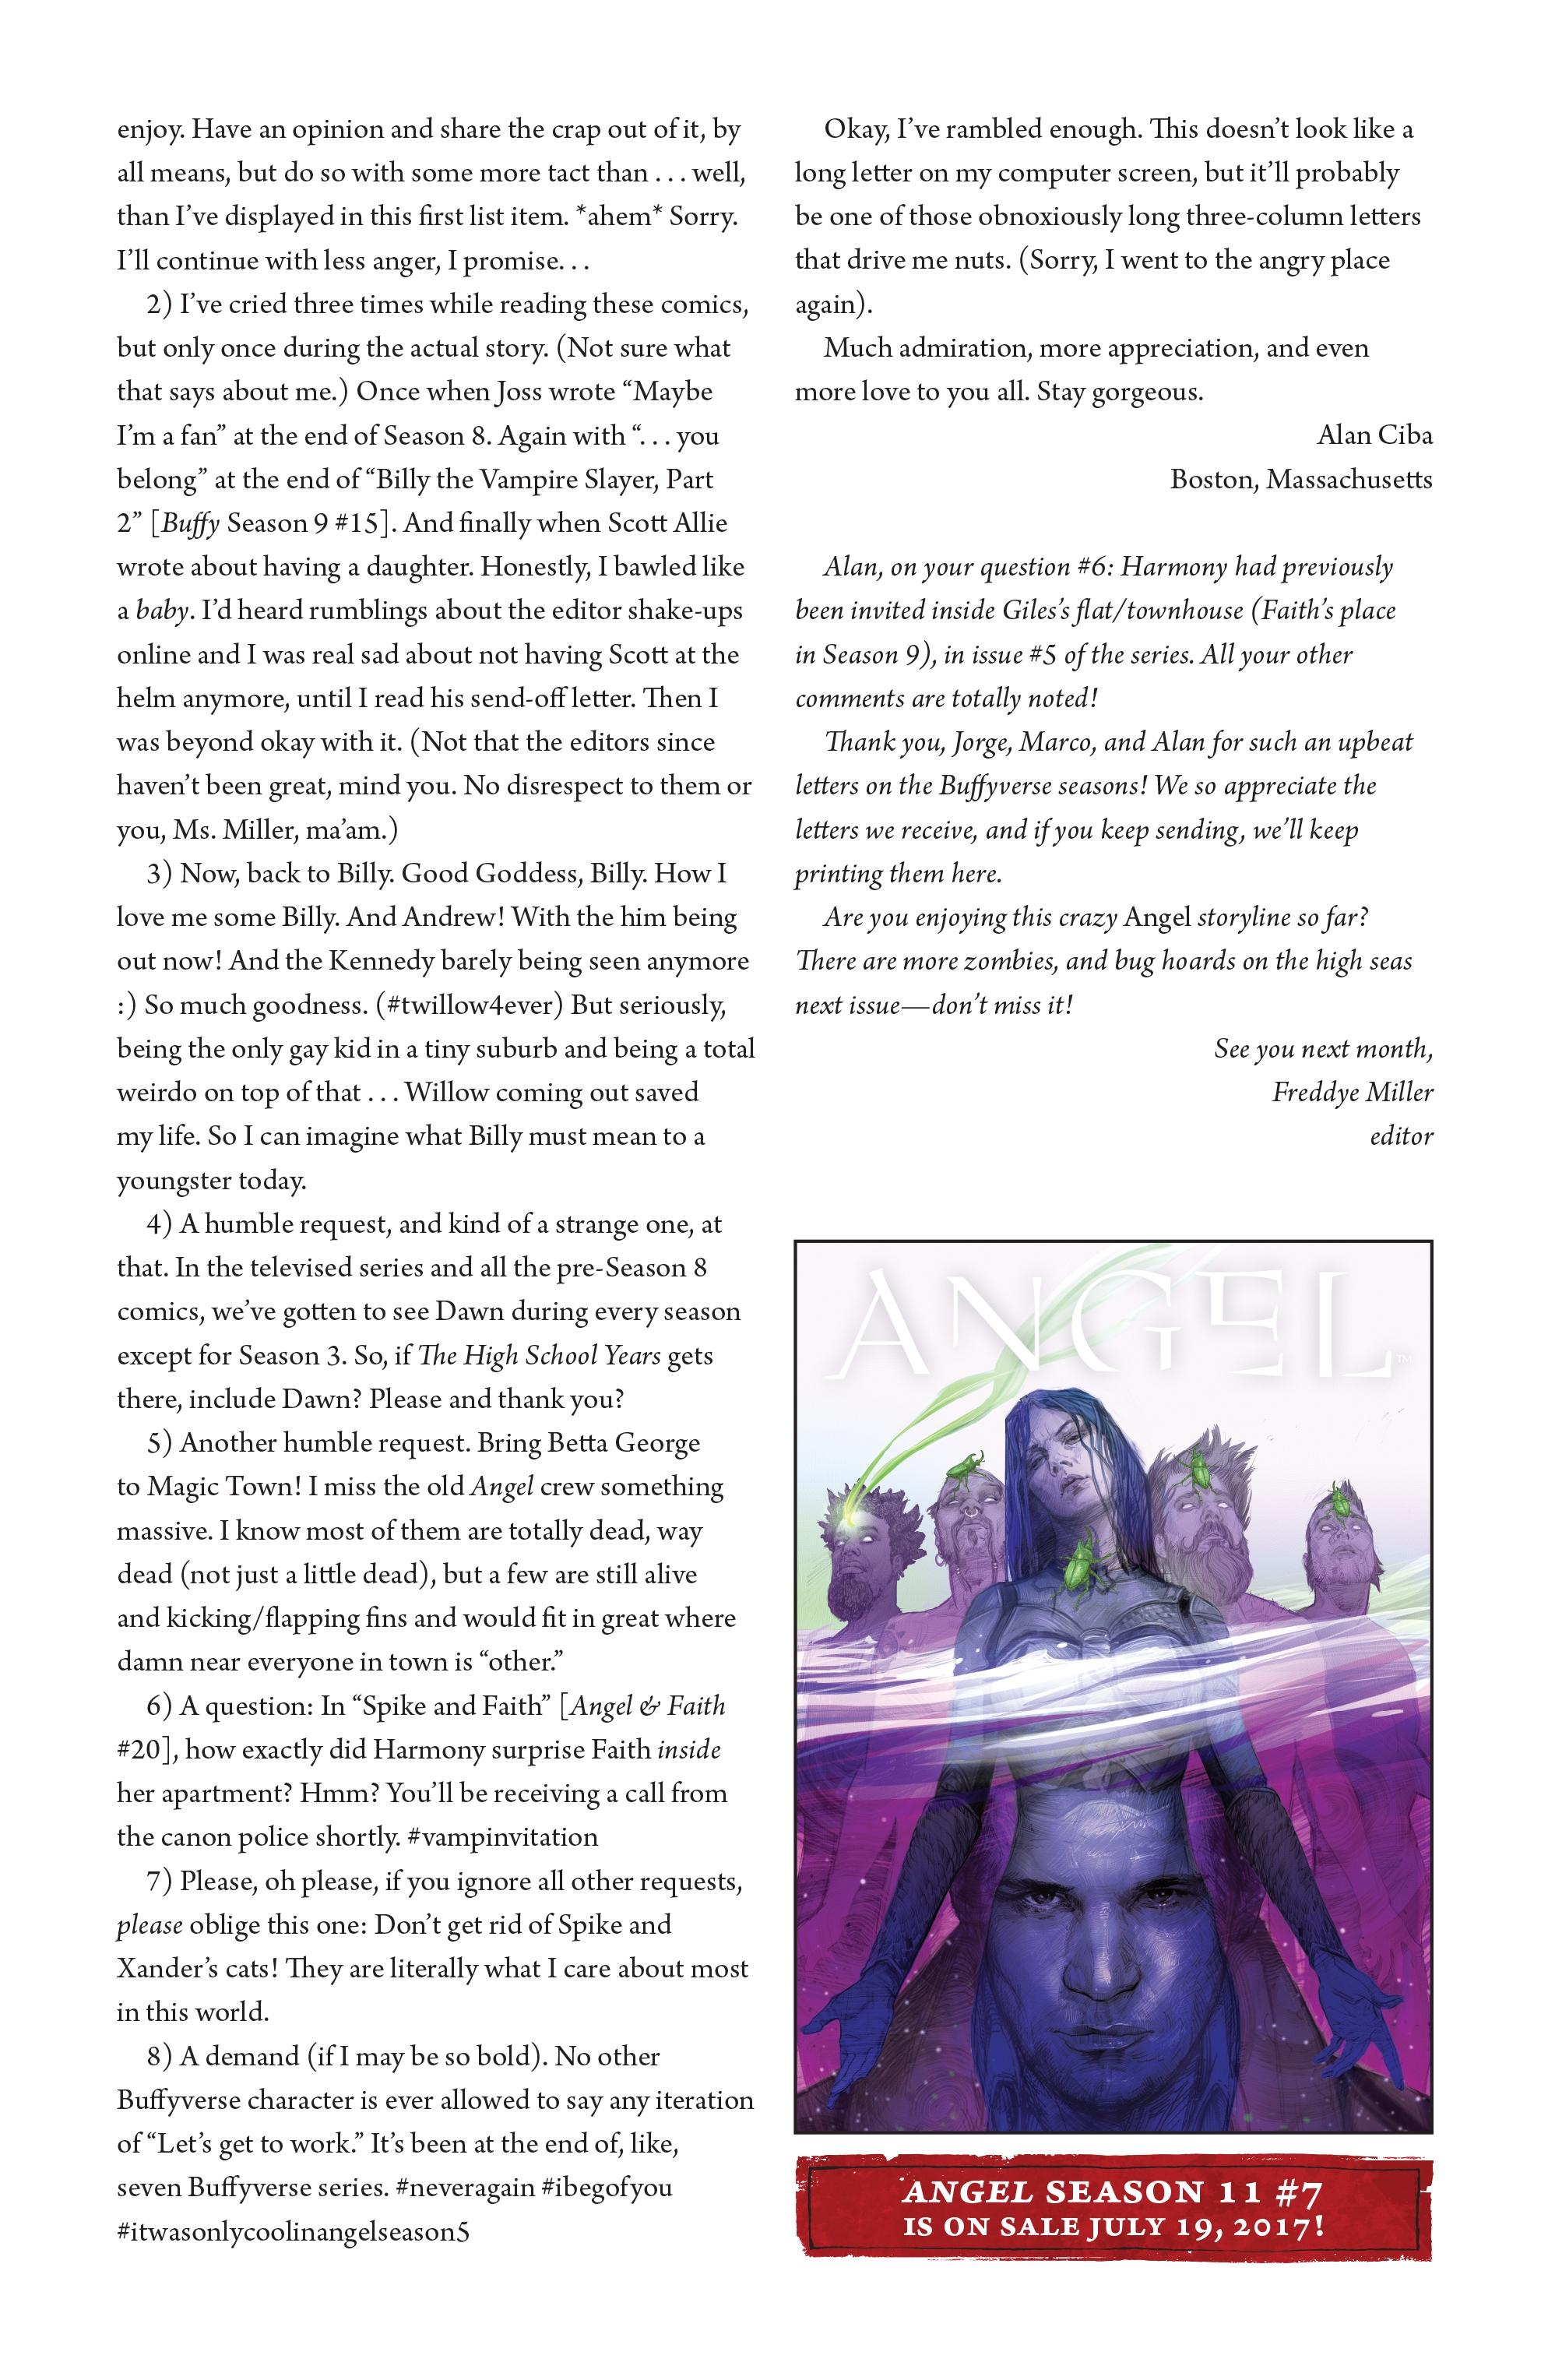 Read online Angel Season 11 comic -  Issue #6 - 27